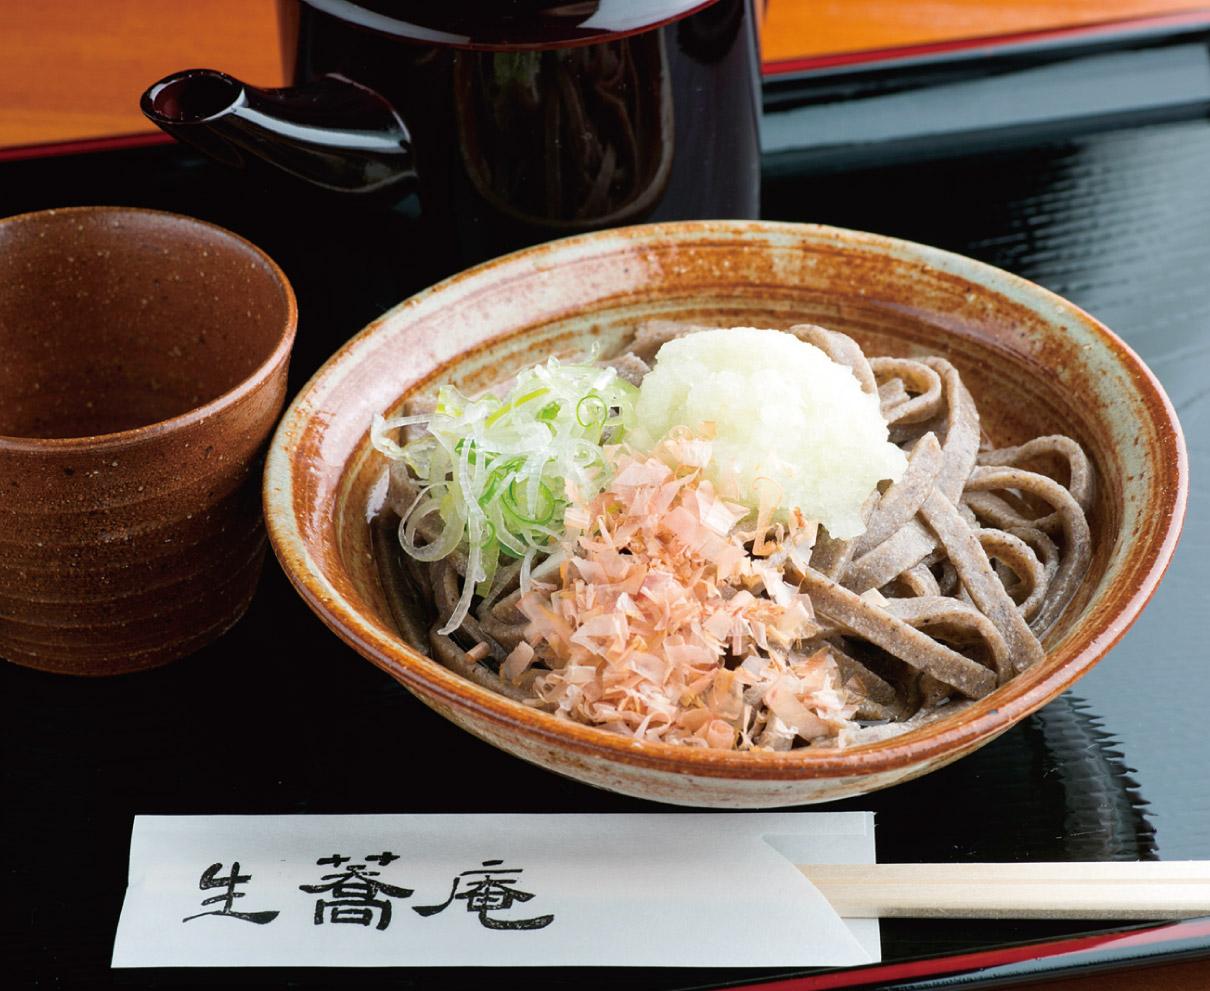 自家製粉 十割蕎麦 生蕎庵(ききょうあん)/越前市